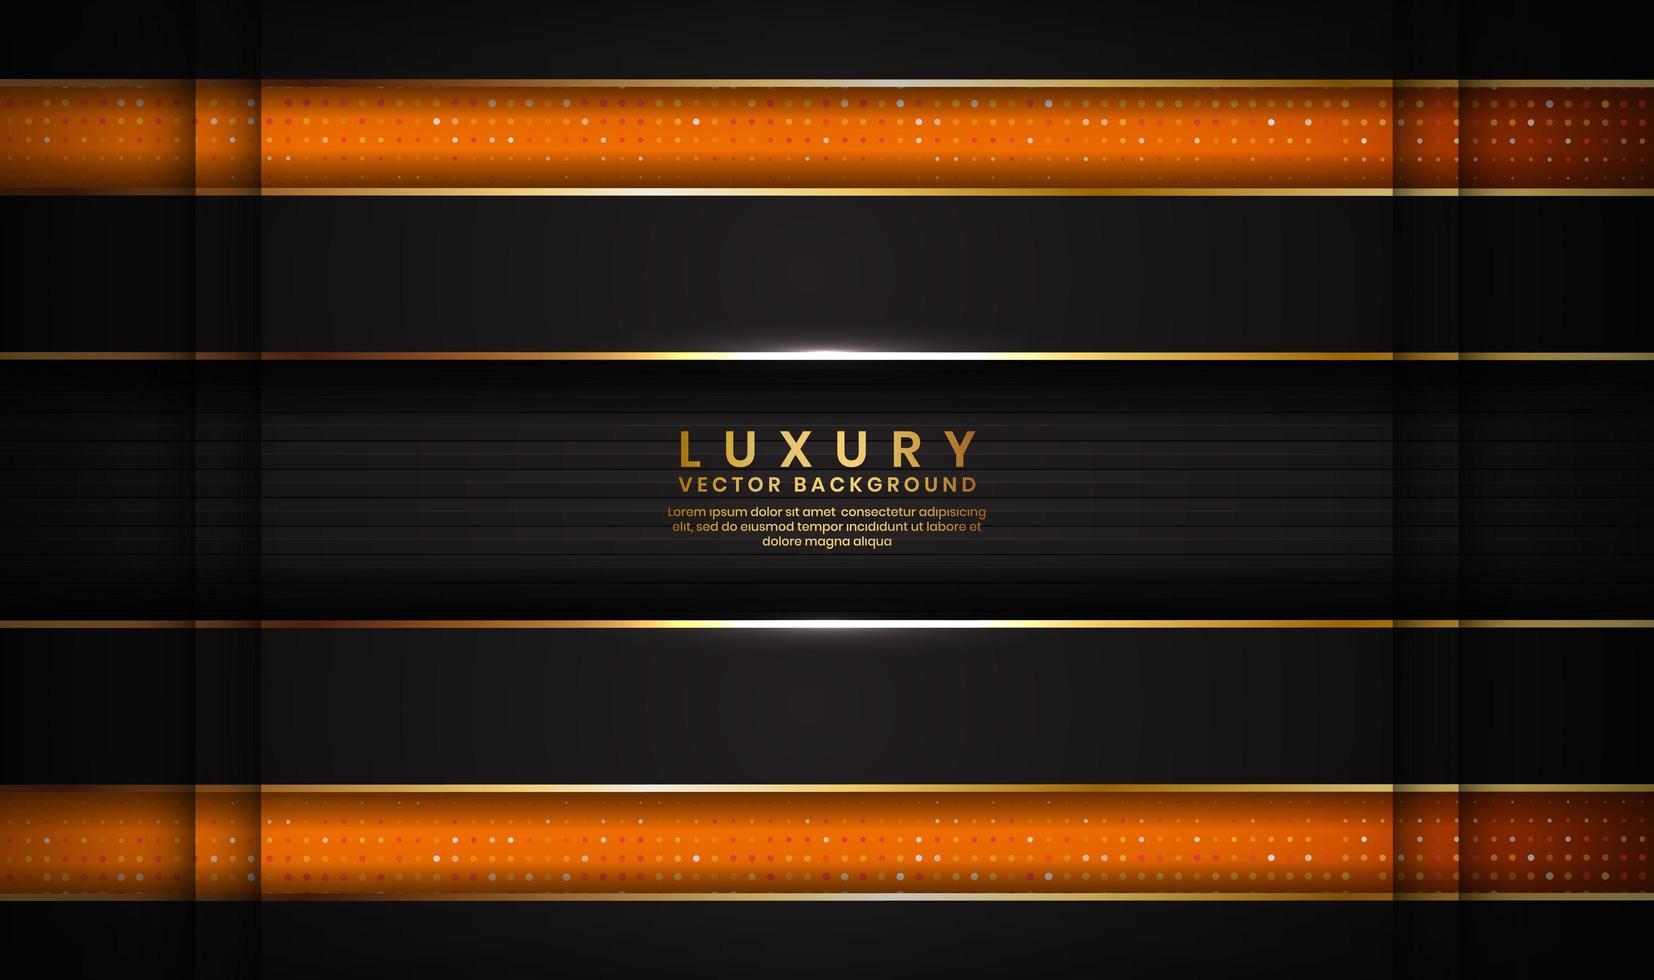 spazio scuro astratto sfondo nero e arancione di lusso con linee dorate vettore